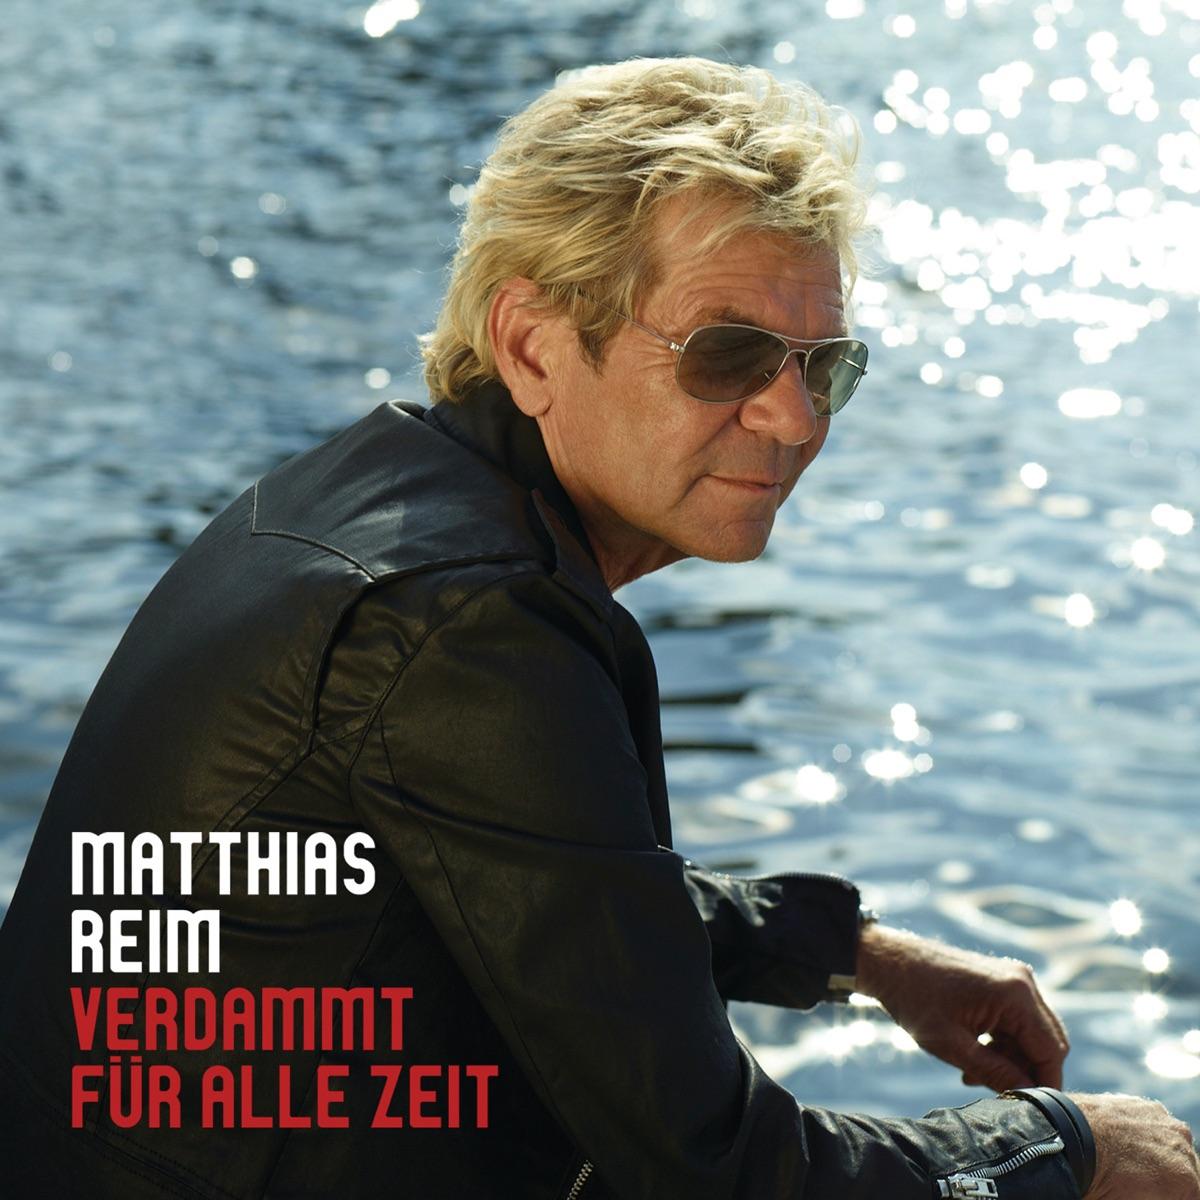 Ultratopbe Matthias Reim Verdammt Für Alle Zeit